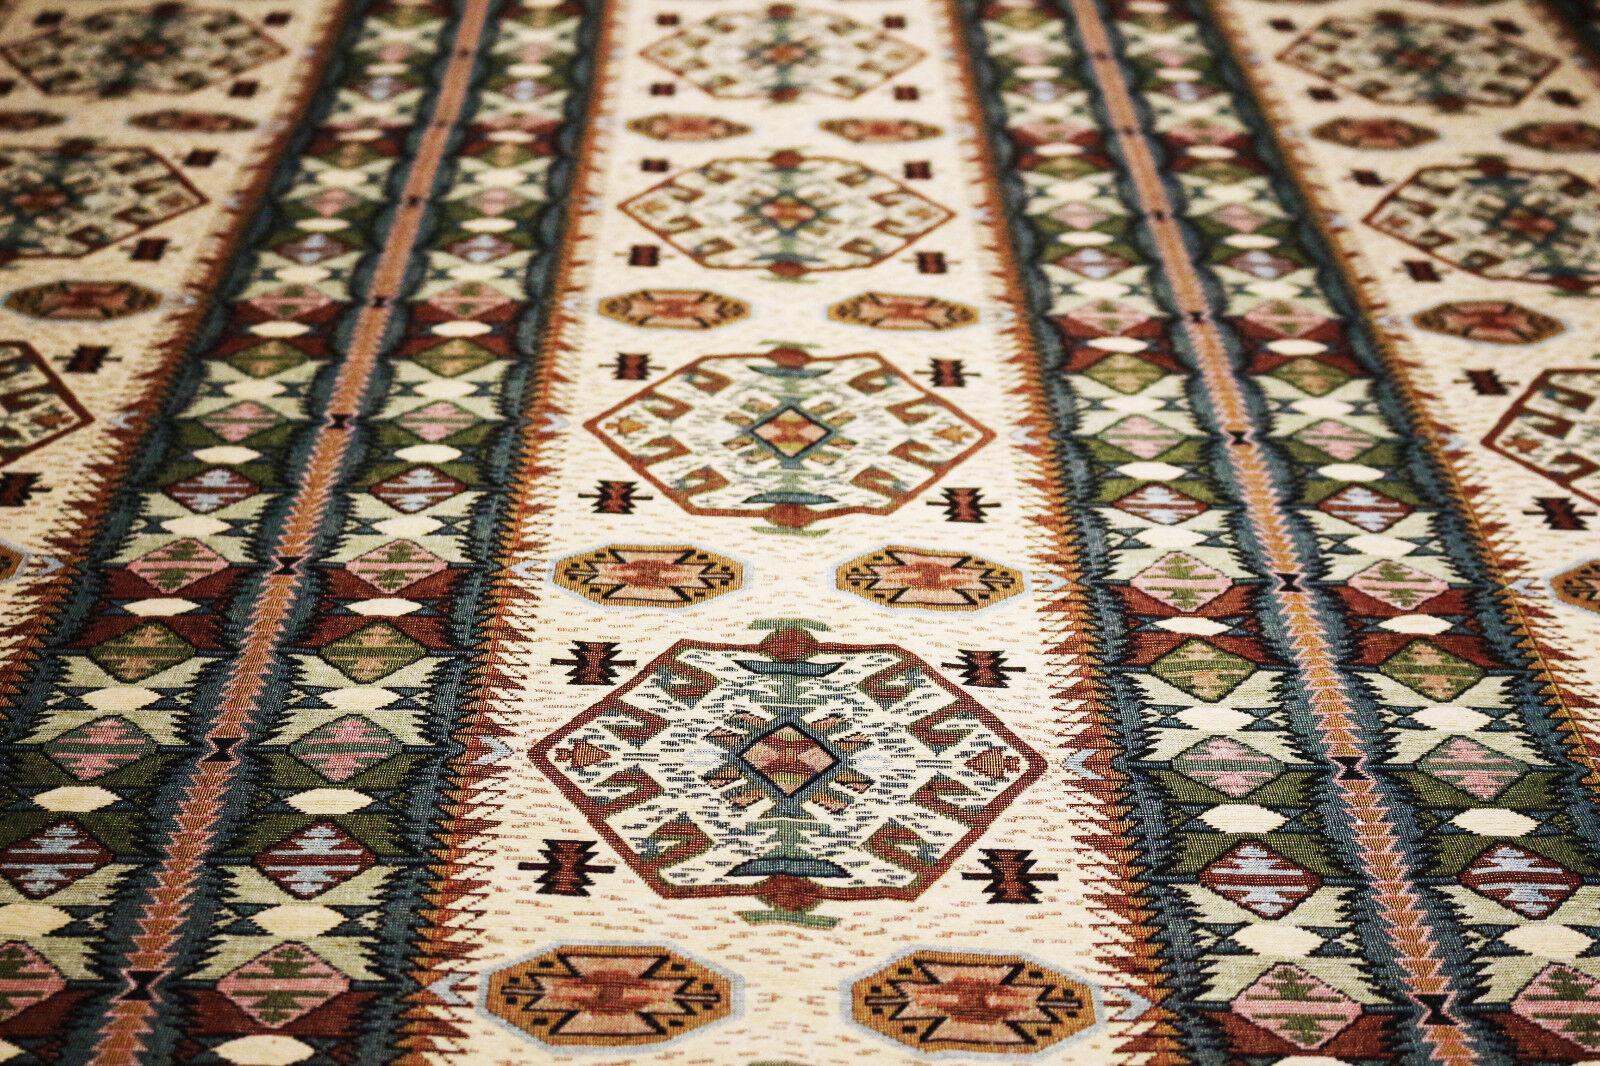 145 X 190 cm Couleuré Table Nappe , Oriental en Damaskunst S 2-1-101519